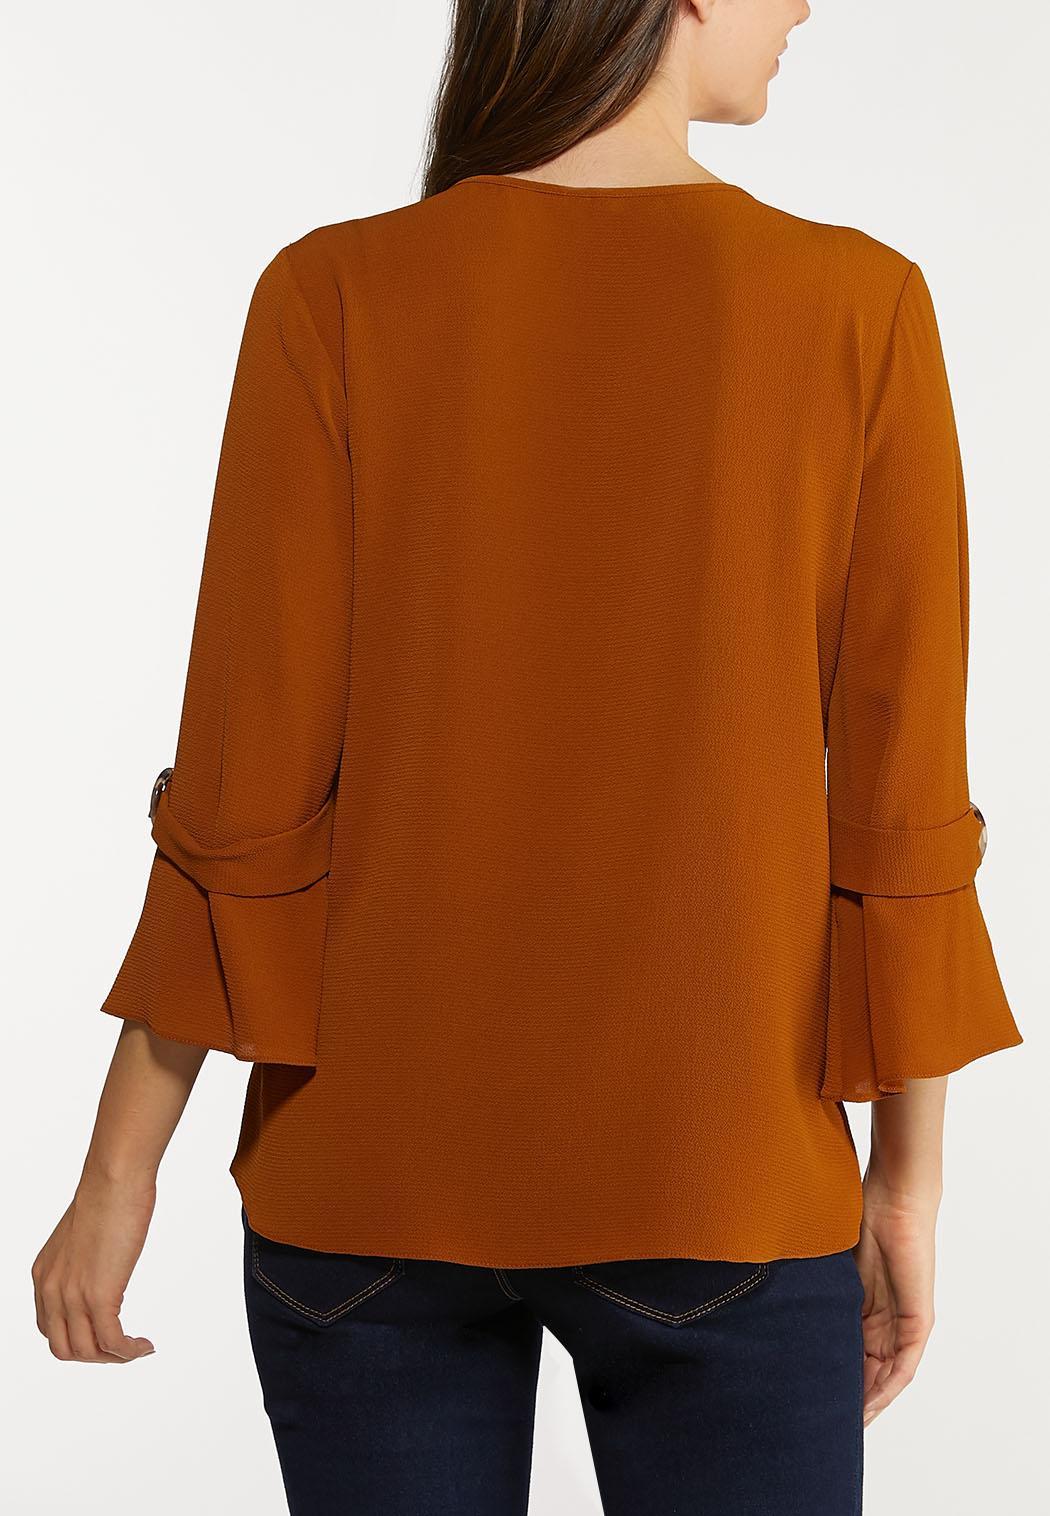 Buckle Sleeve Top (Item #44106136)